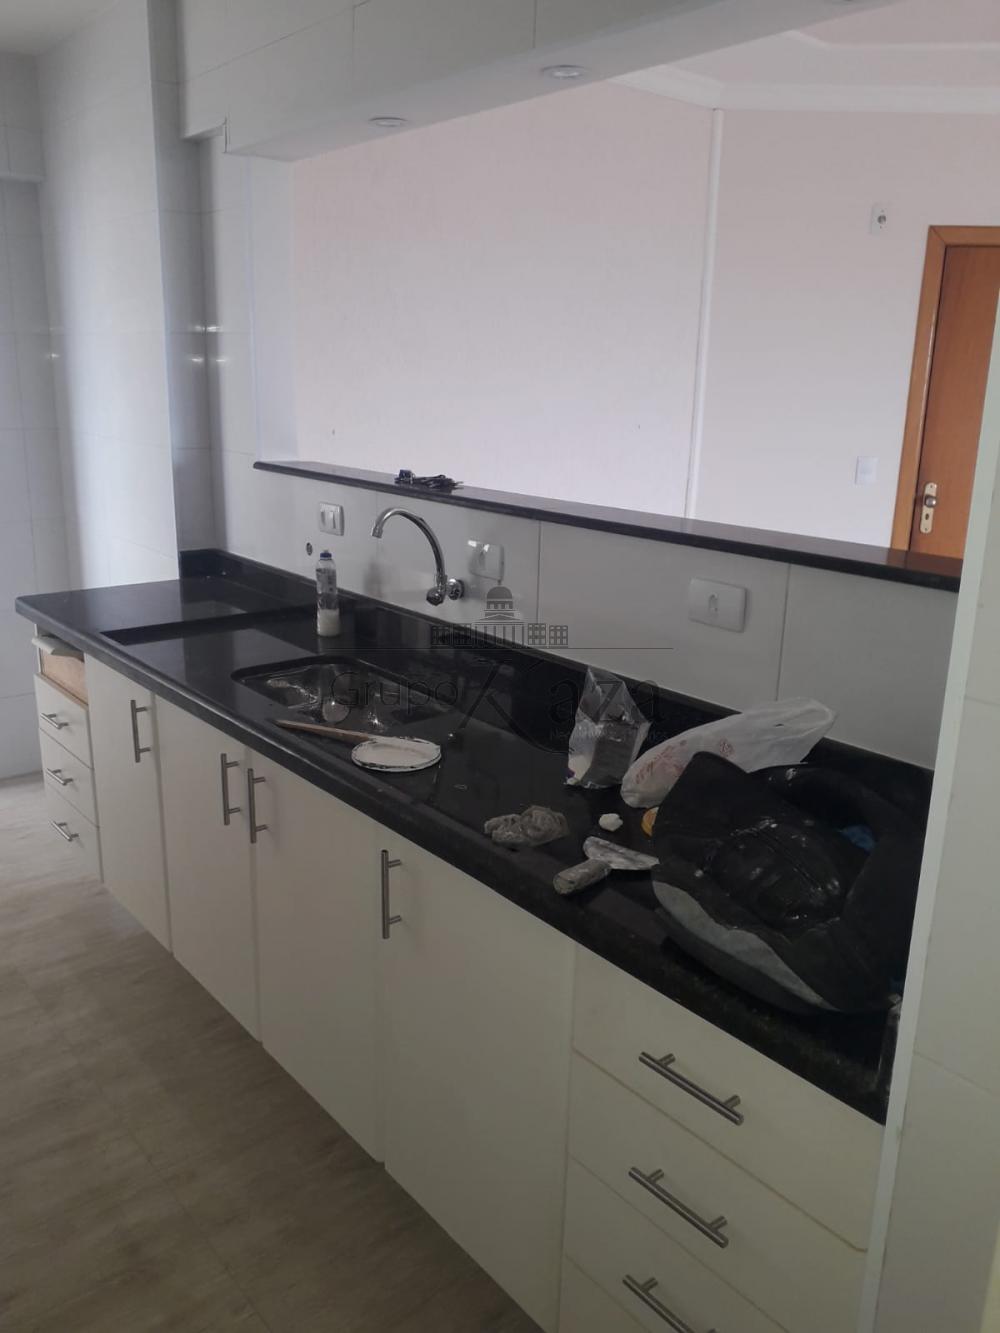 alt='Comprar Apartamento / Padrão em São José dos Campos R$ 373.000,00 - Foto 7' title='Comprar Apartamento / Padrão em São José dos Campos R$ 373.000,00 - Foto 7'